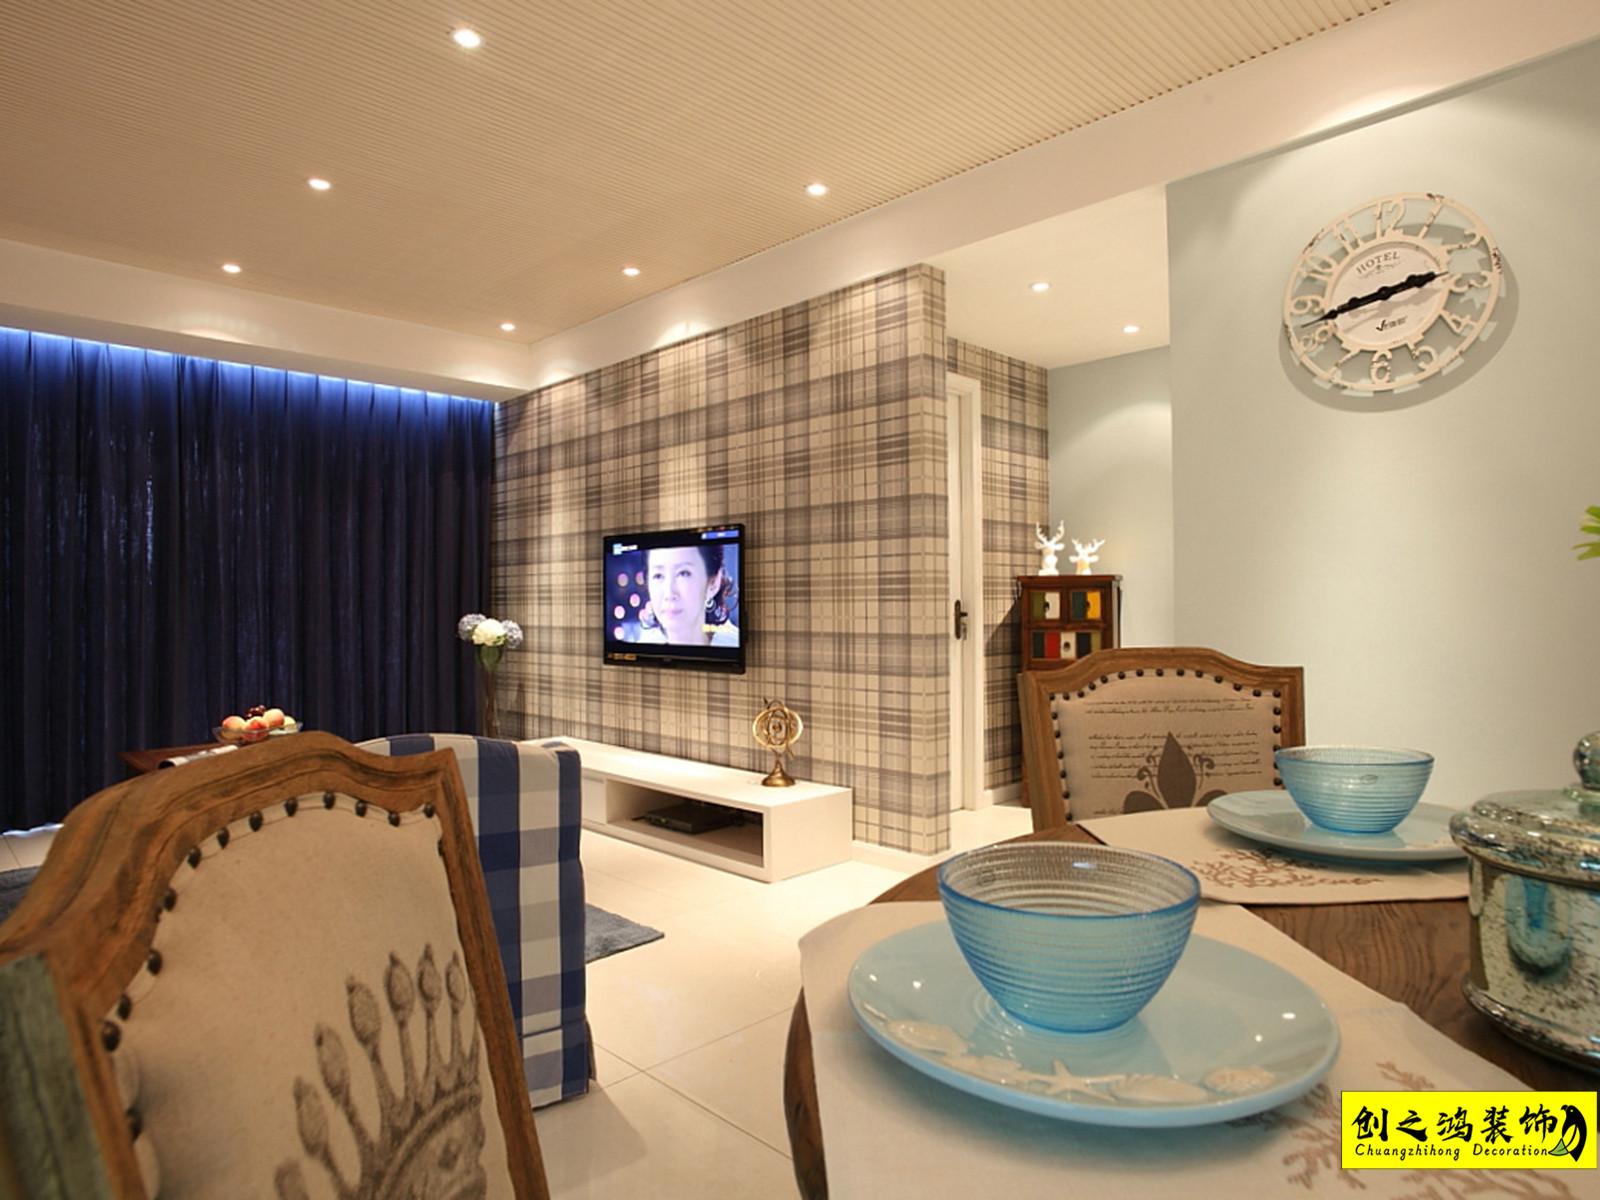 152㎡恒大帝景三室两厅美式风格装修效果图